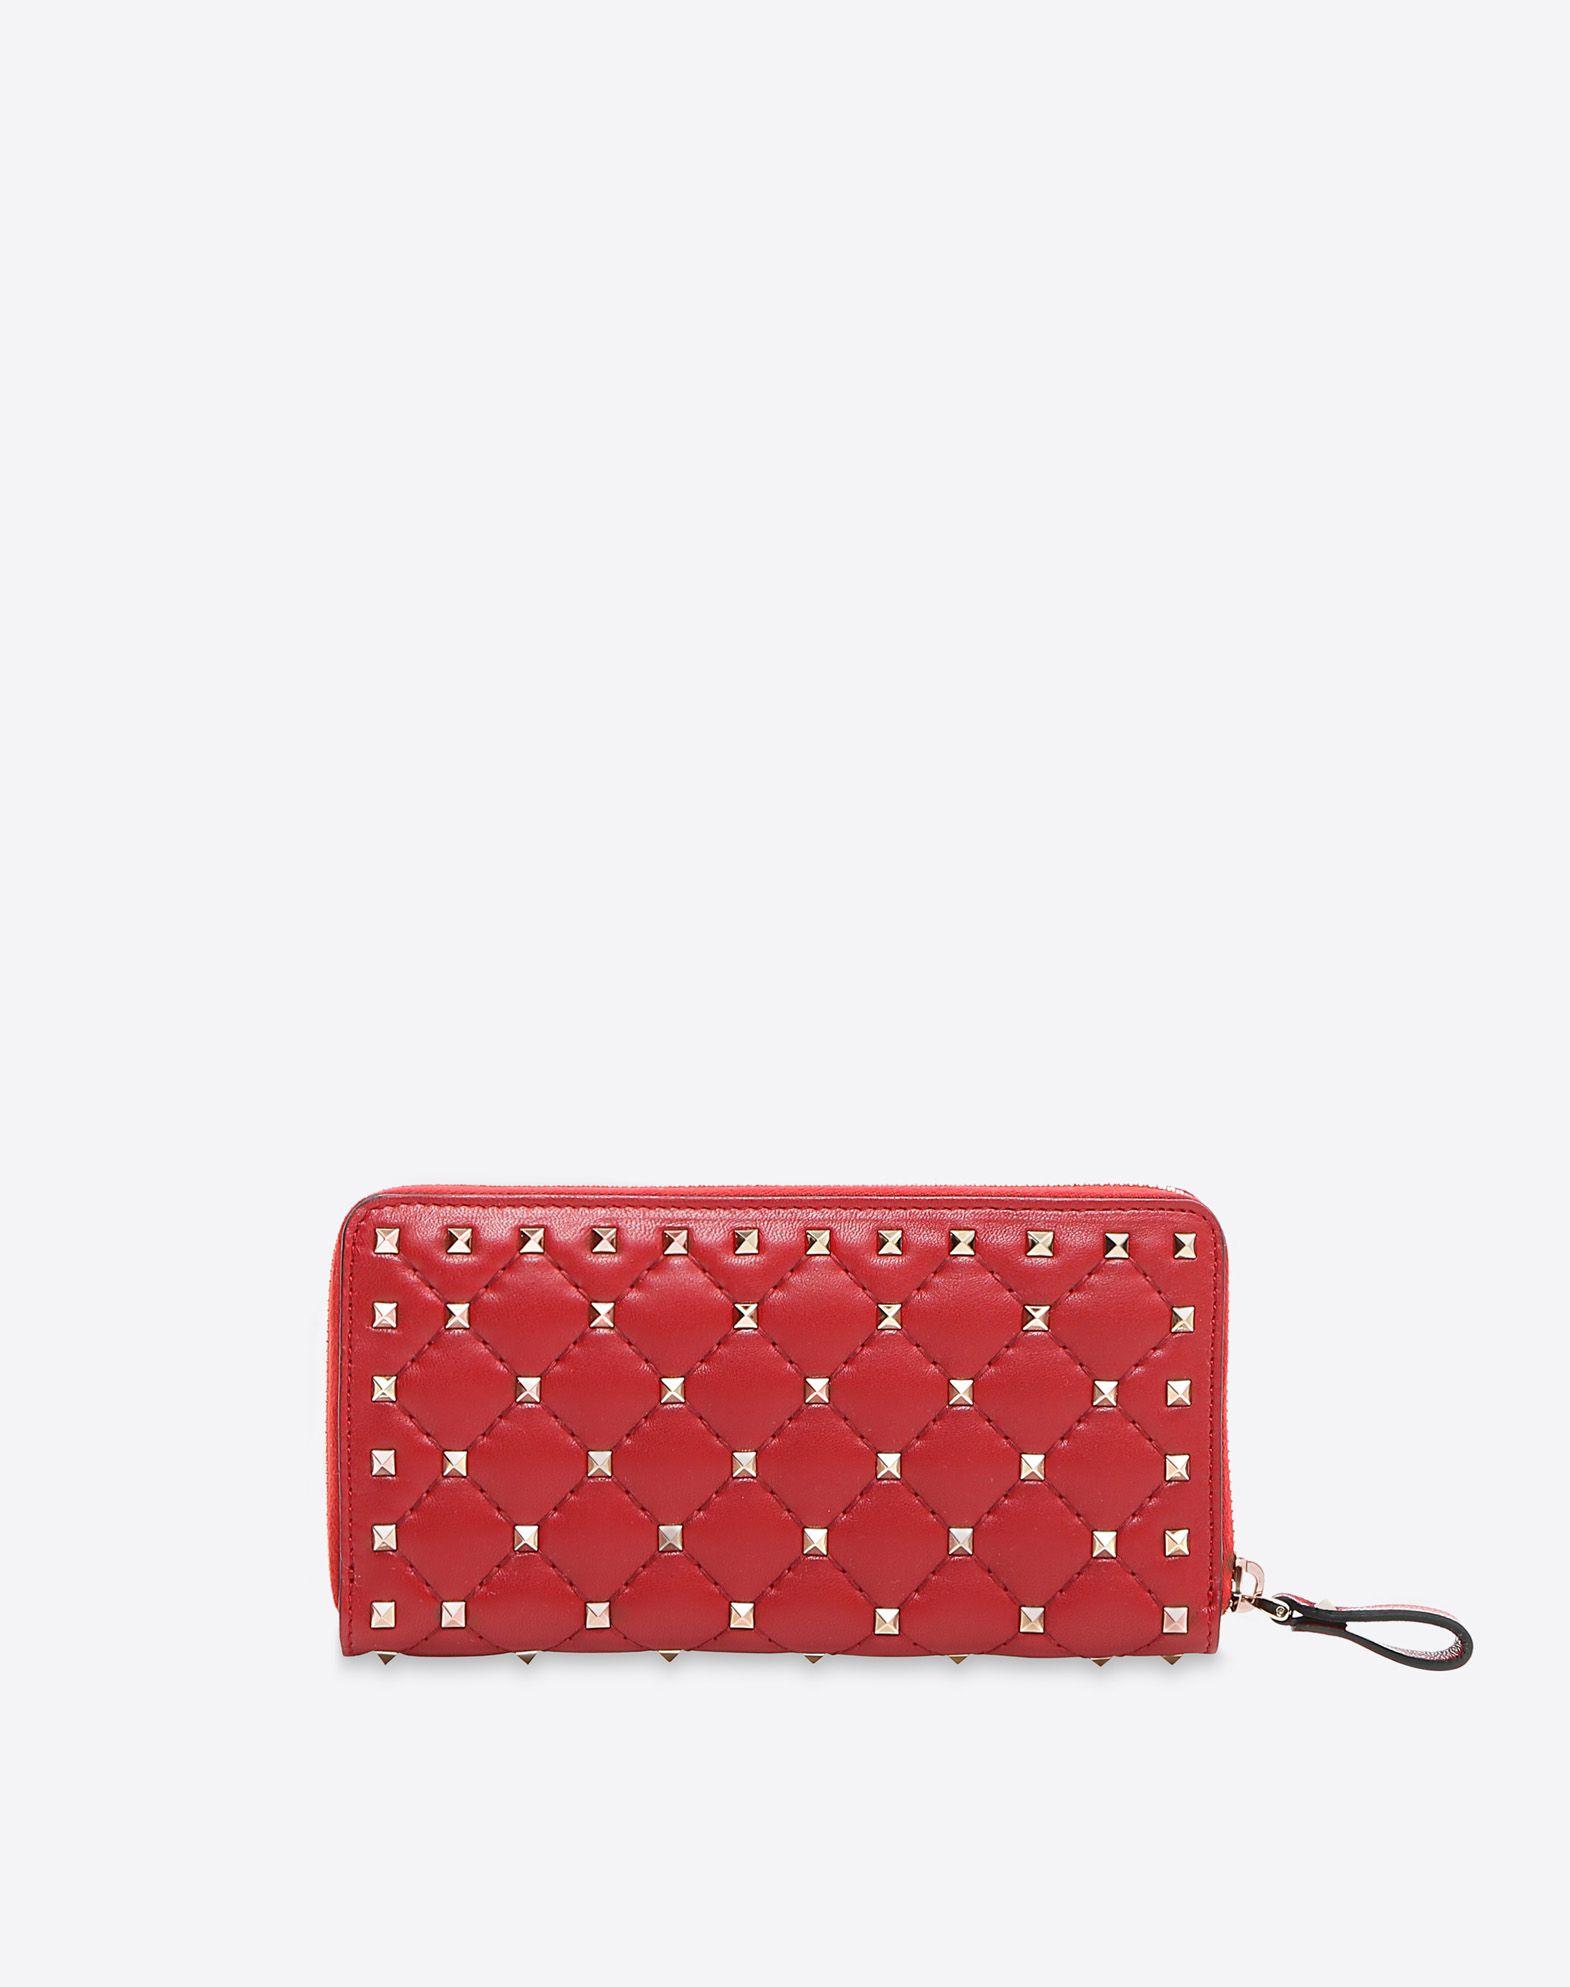 Valentino Rockstud Spike wallet bSiohD1qBr